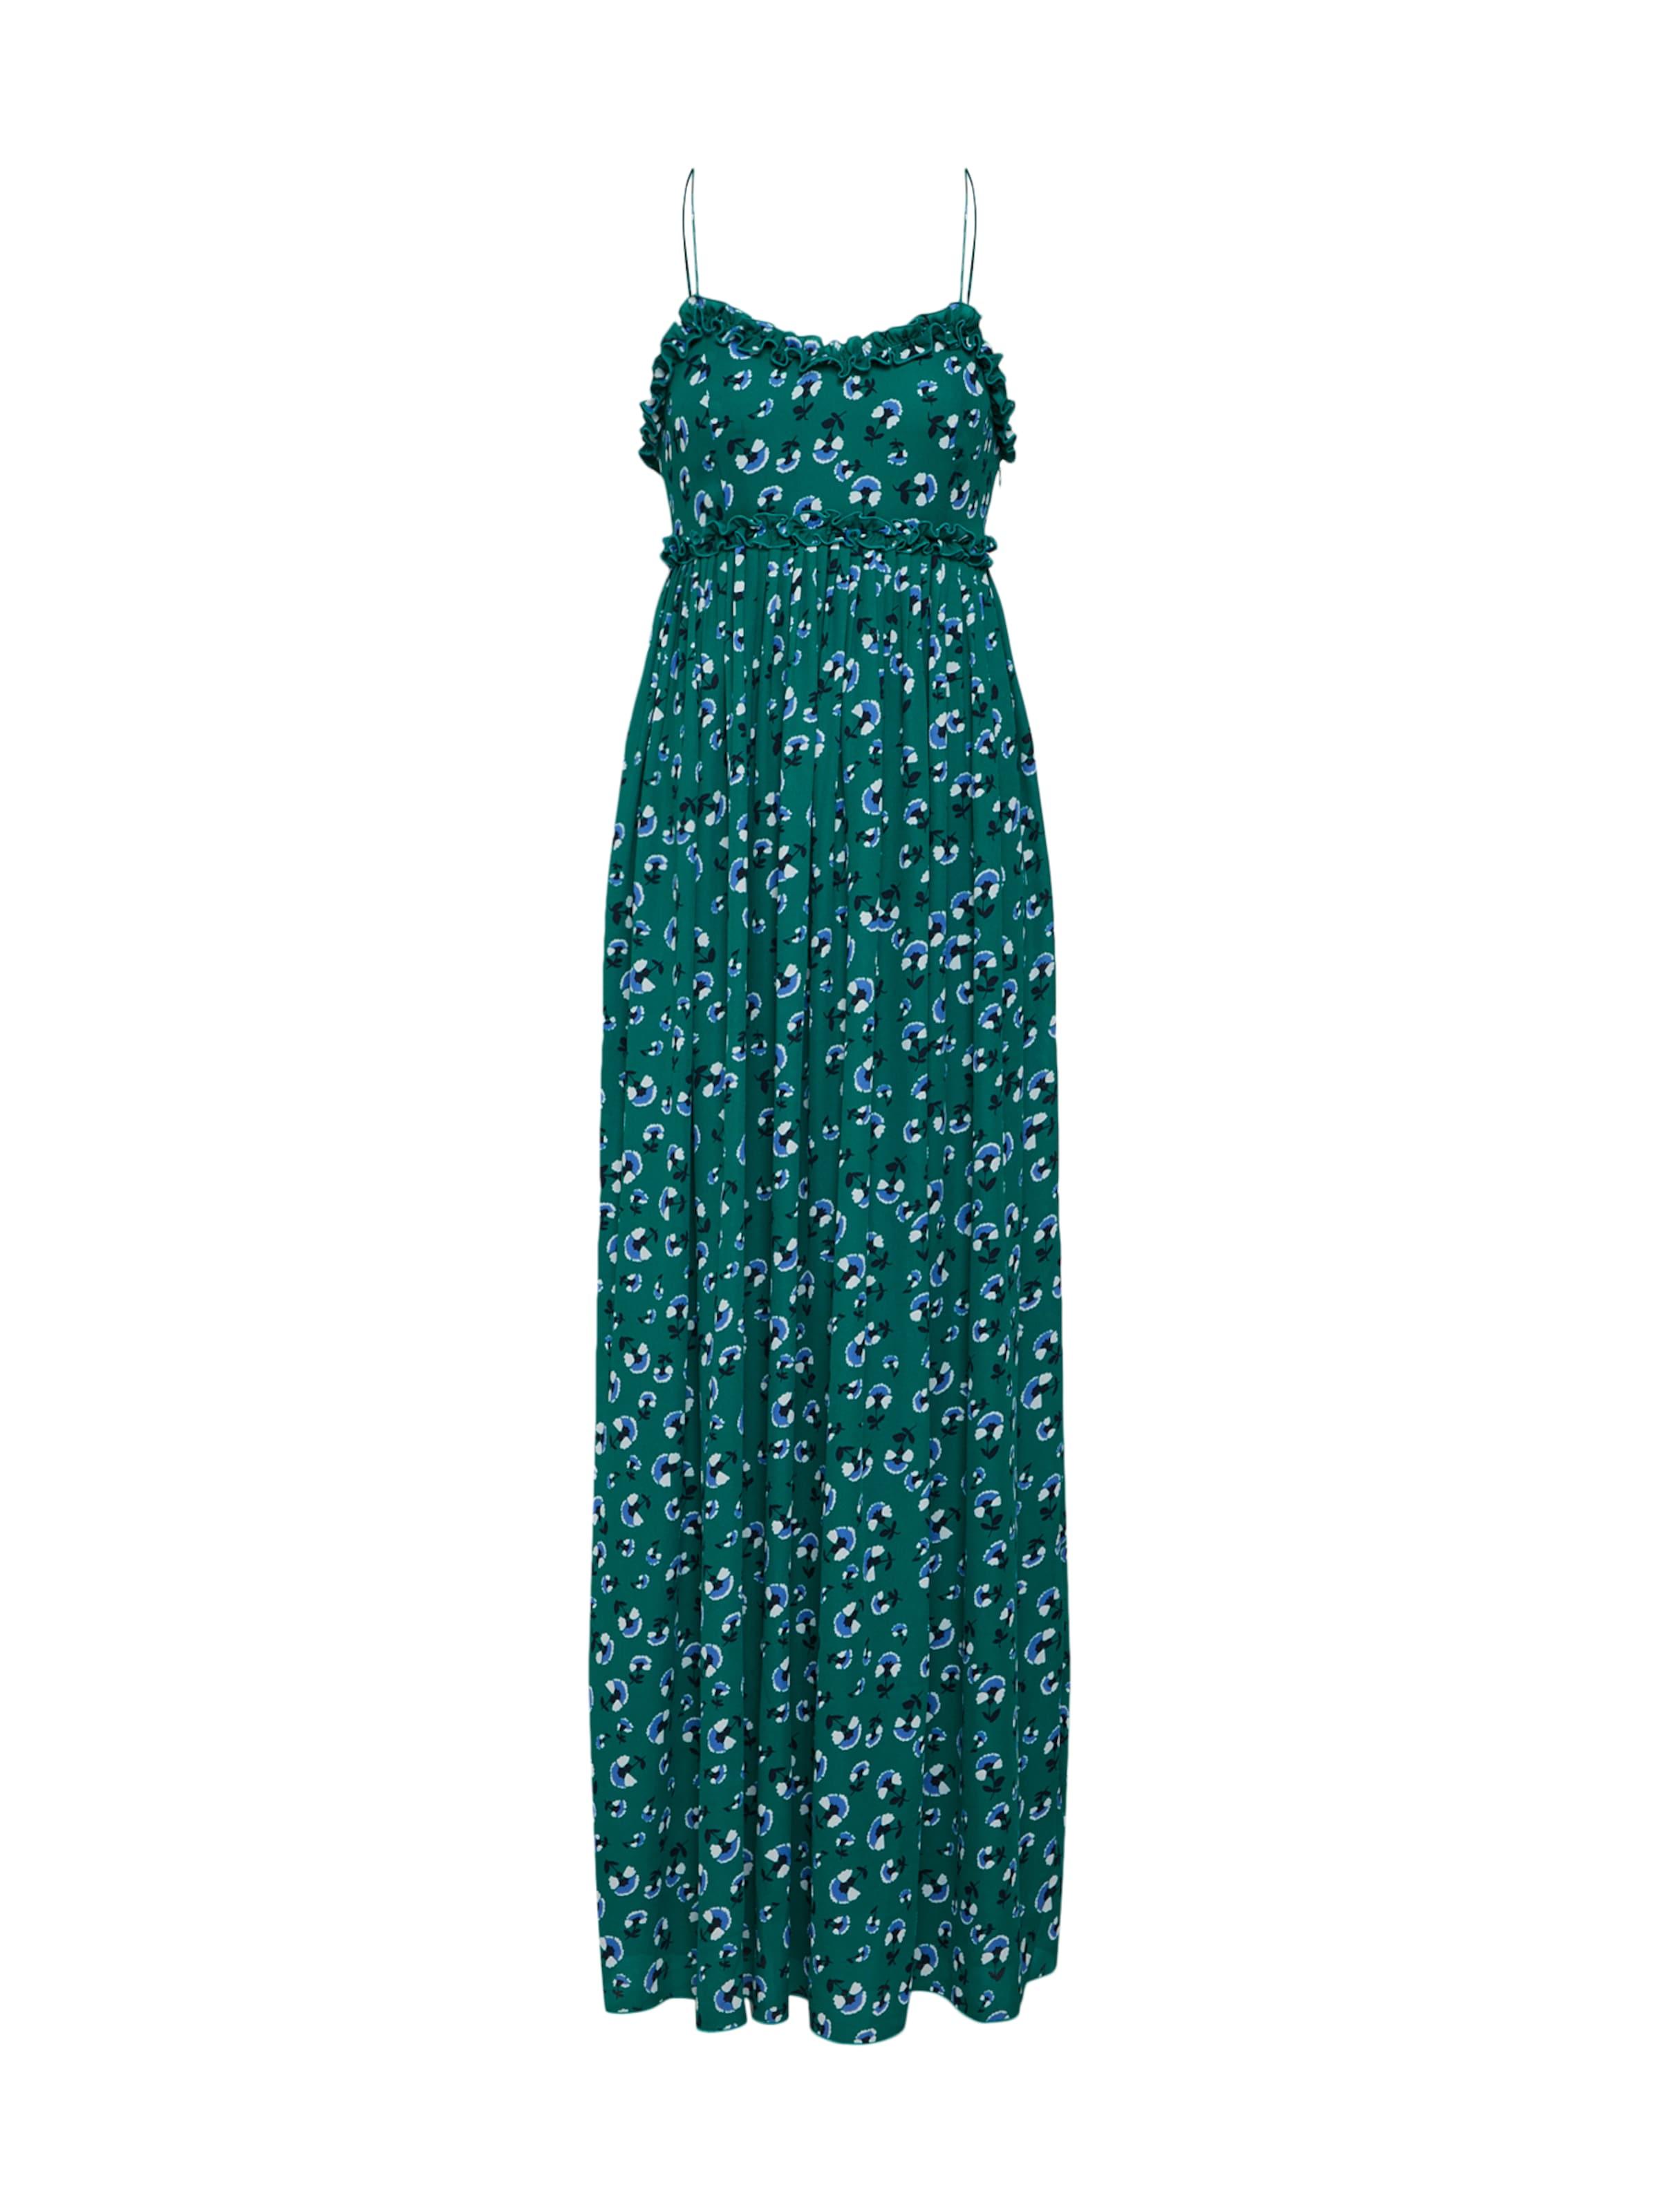 Kleid Kleid Samsoeamp; In Kleid GrünMischfarben GrünMischfarben 'way' Samsoeamp; 'way' 'way' Samsoeamp; In WE2be9DHIY